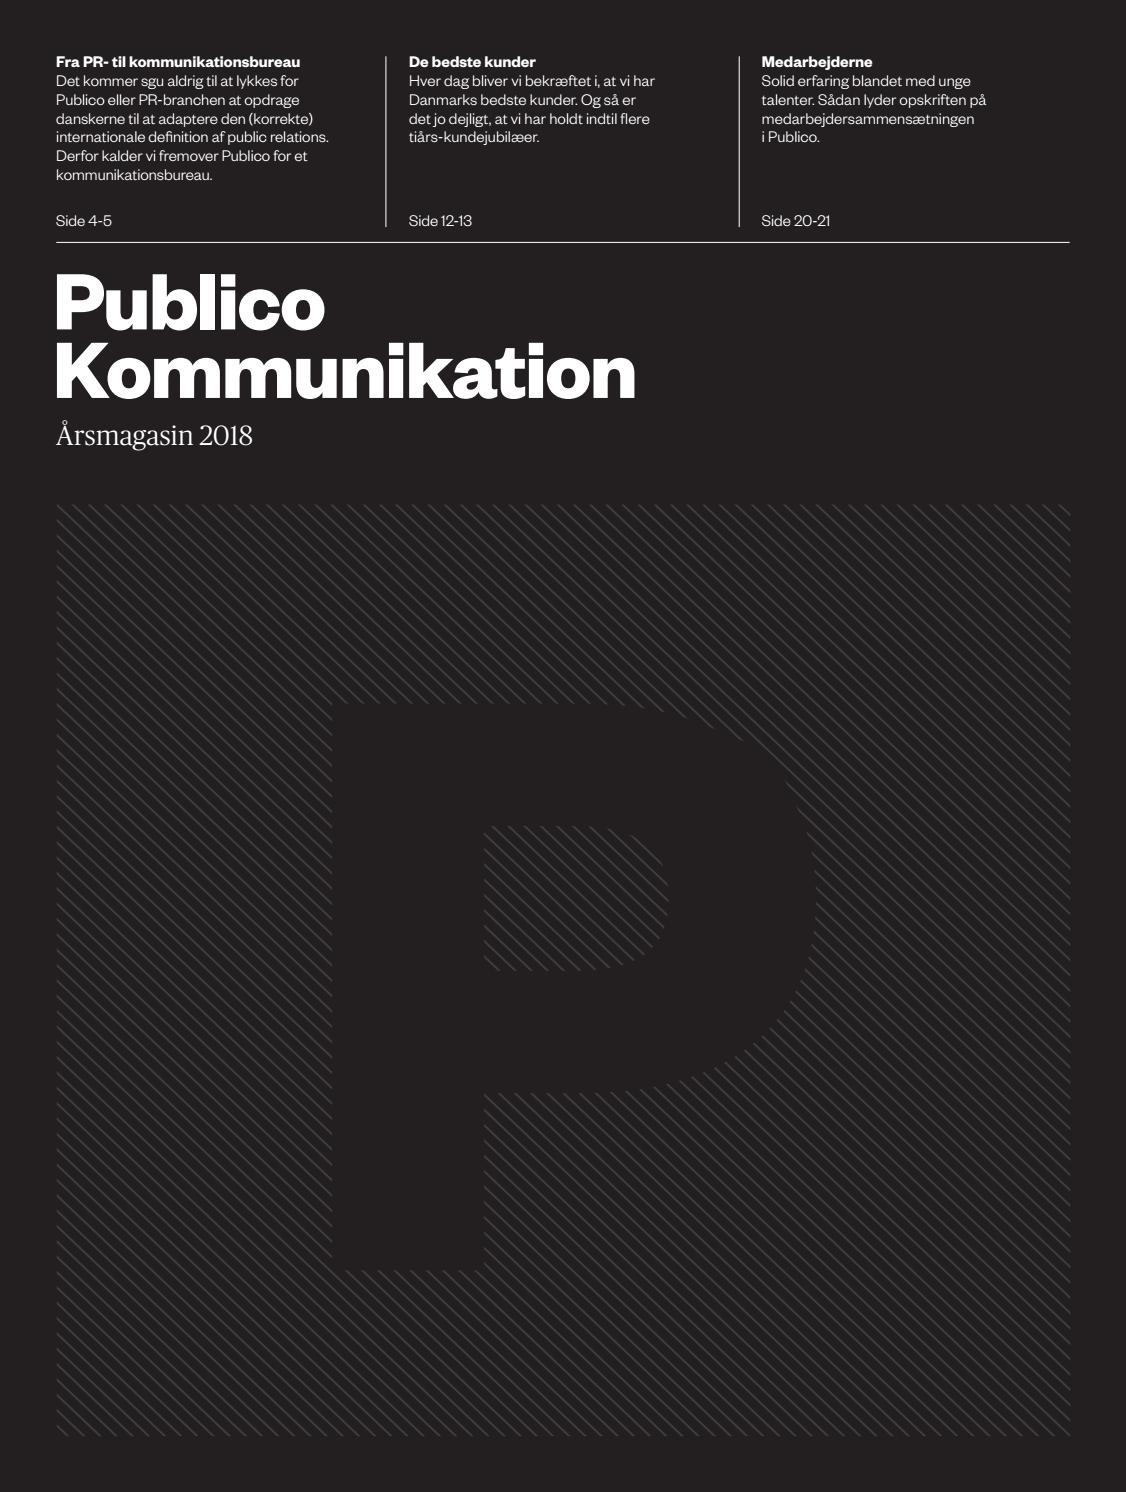 1429753fd35b Publicos årsmagasin 2018 by Publico Kommunikation - issuu